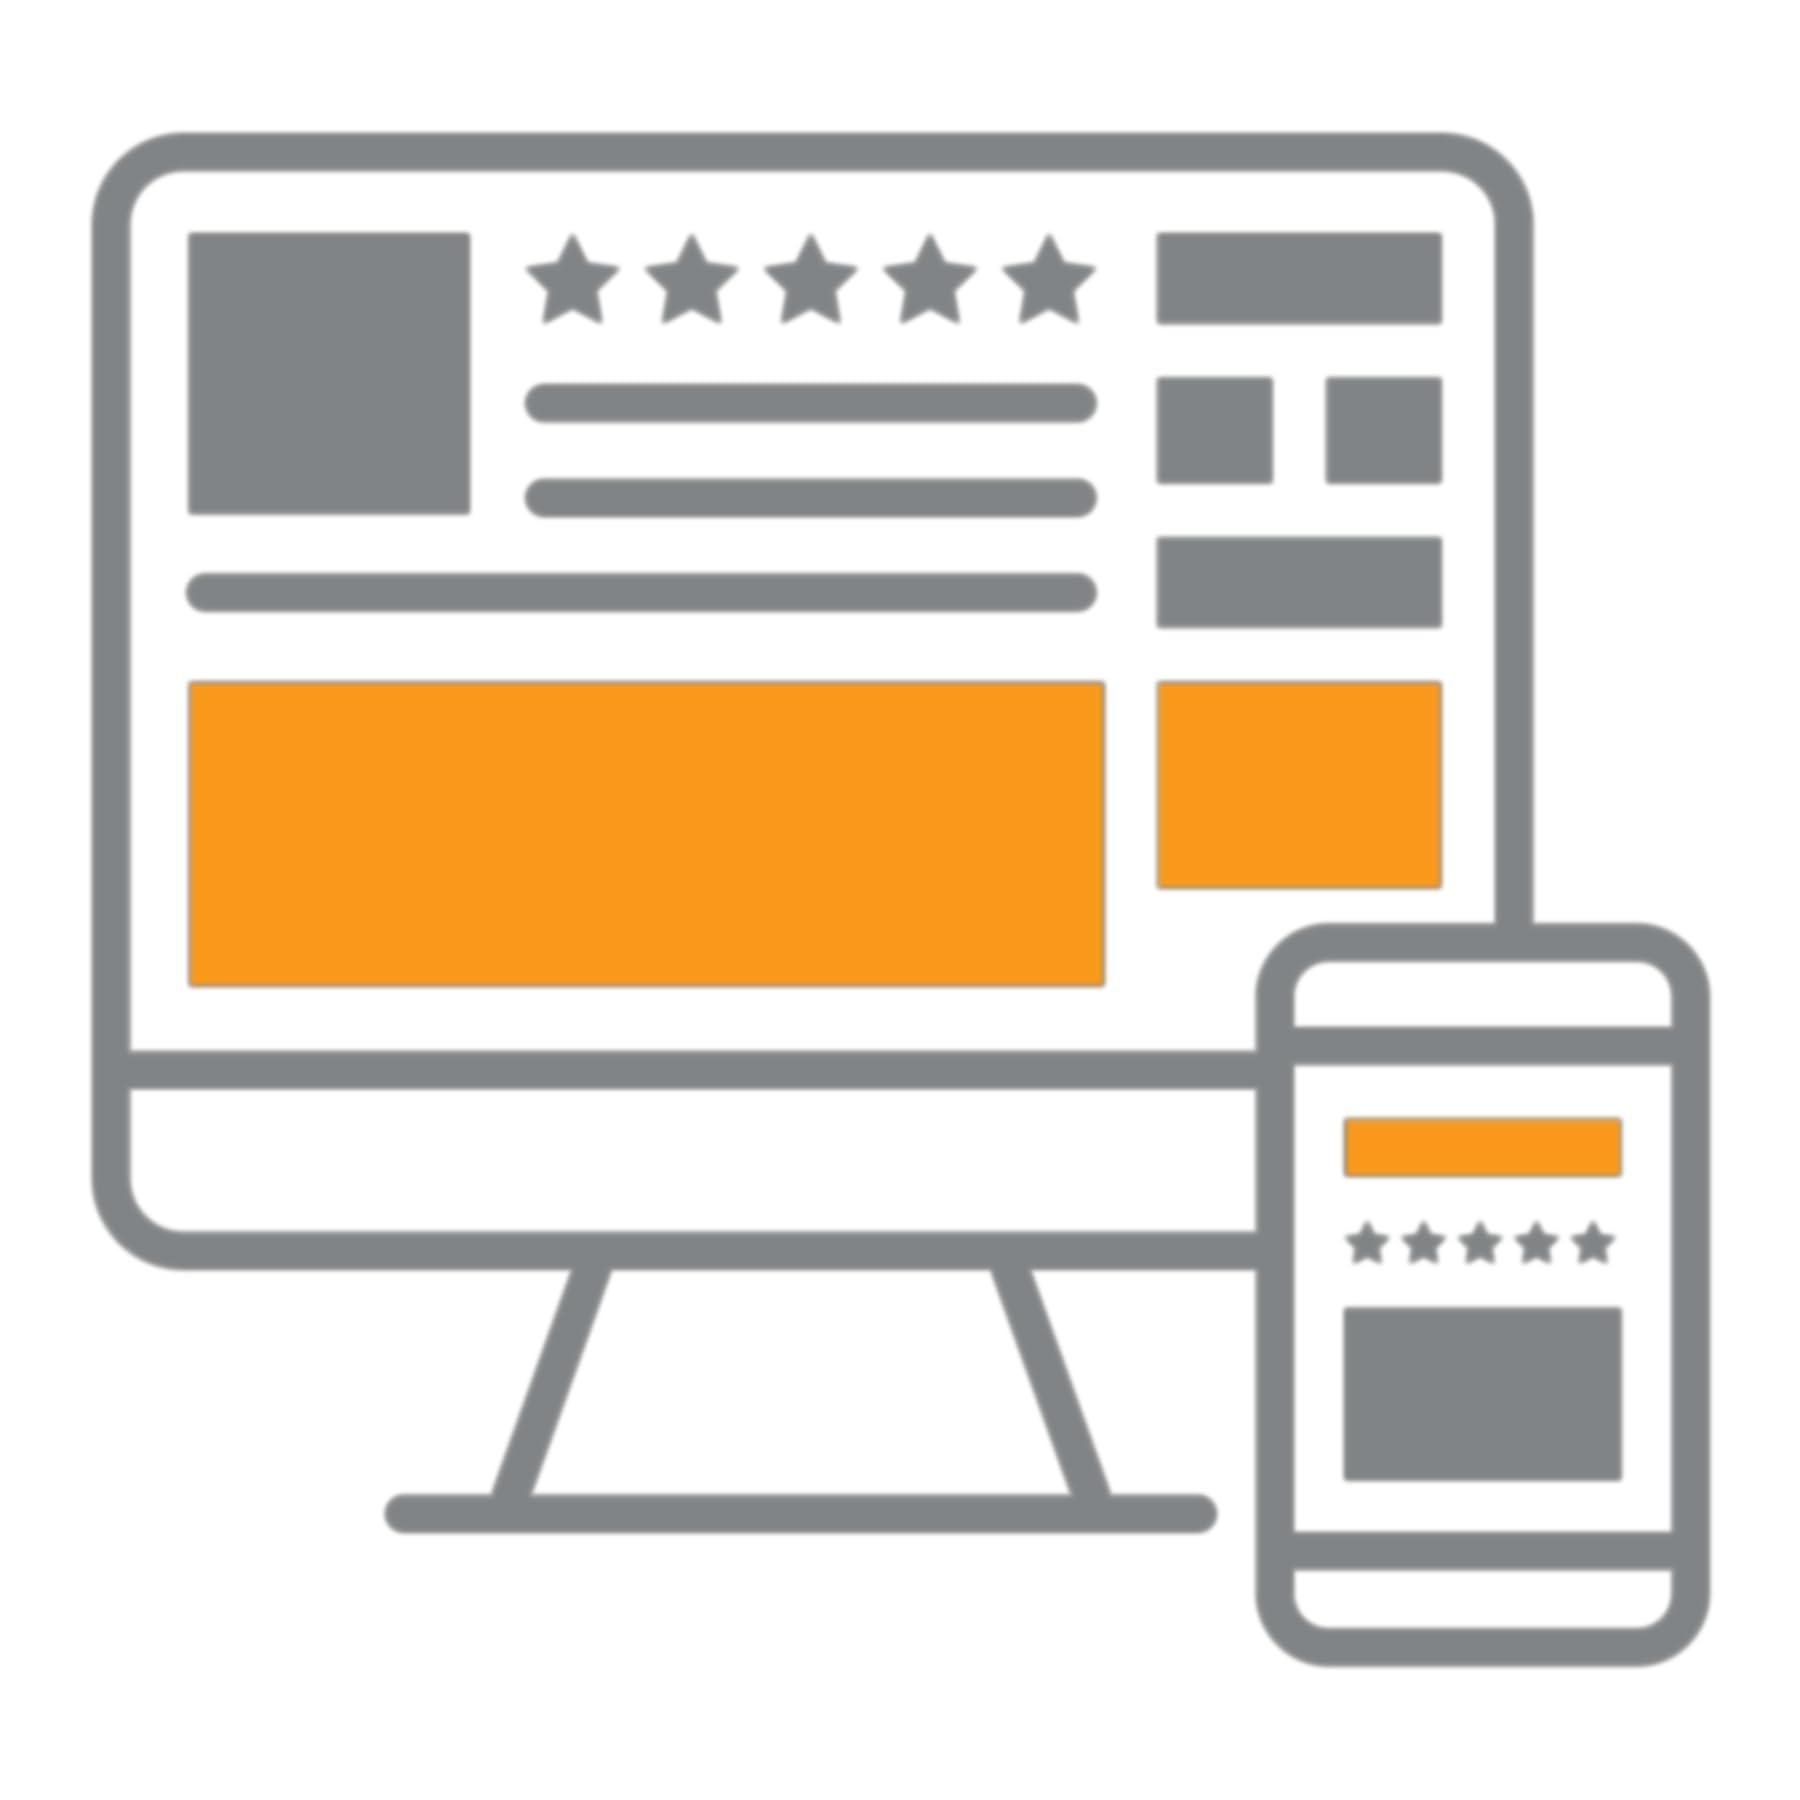 Canais de anúncios de Sponsored Display em computadores e dispositivos móveis